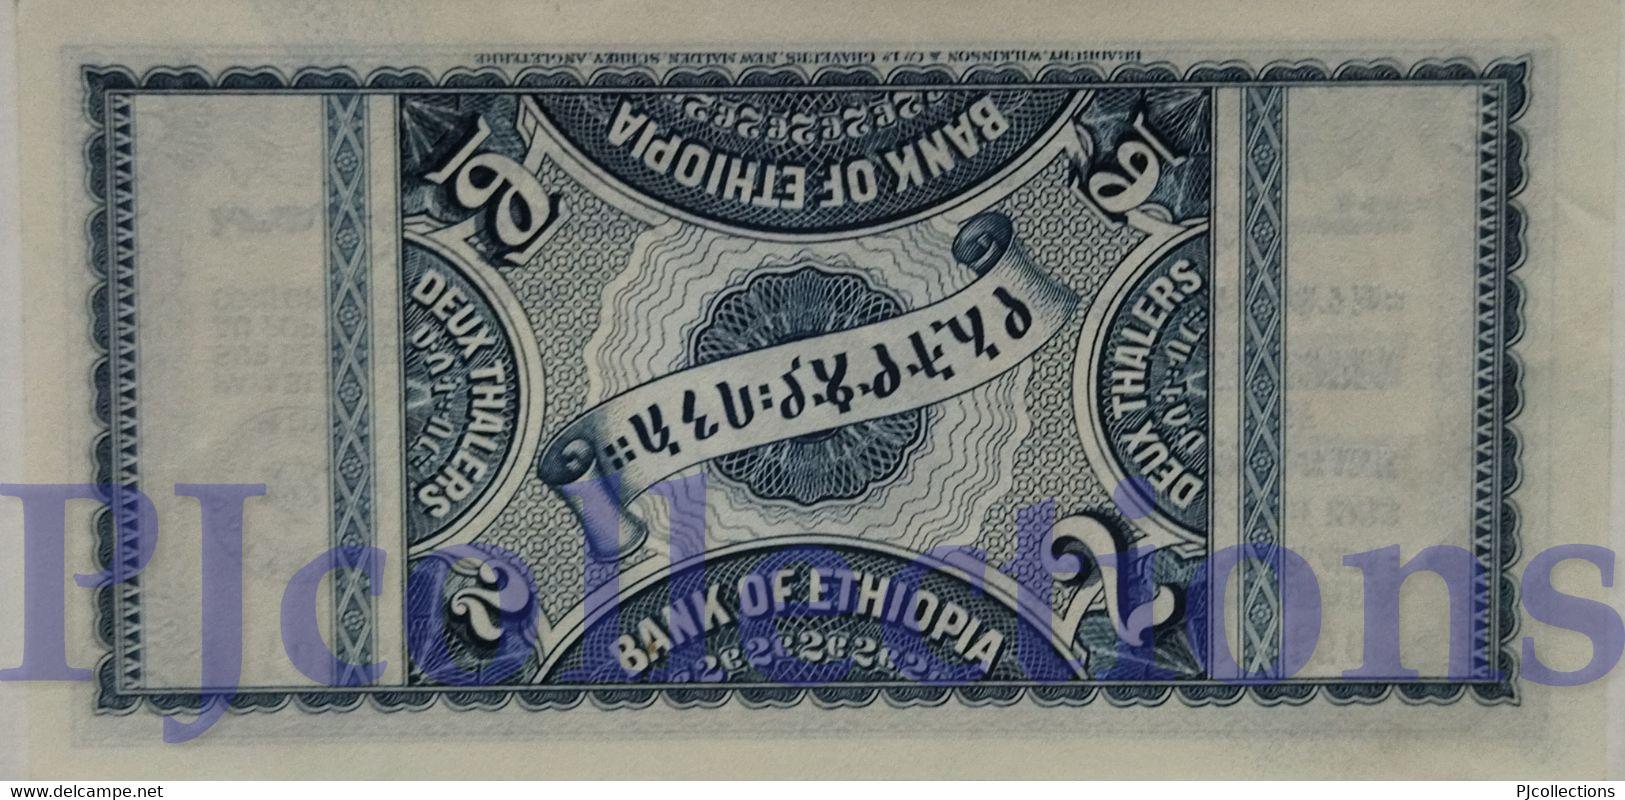 ETHIOPIA 2 THALERS 1933 PICK 6 AUNC RARE - Ethiopie